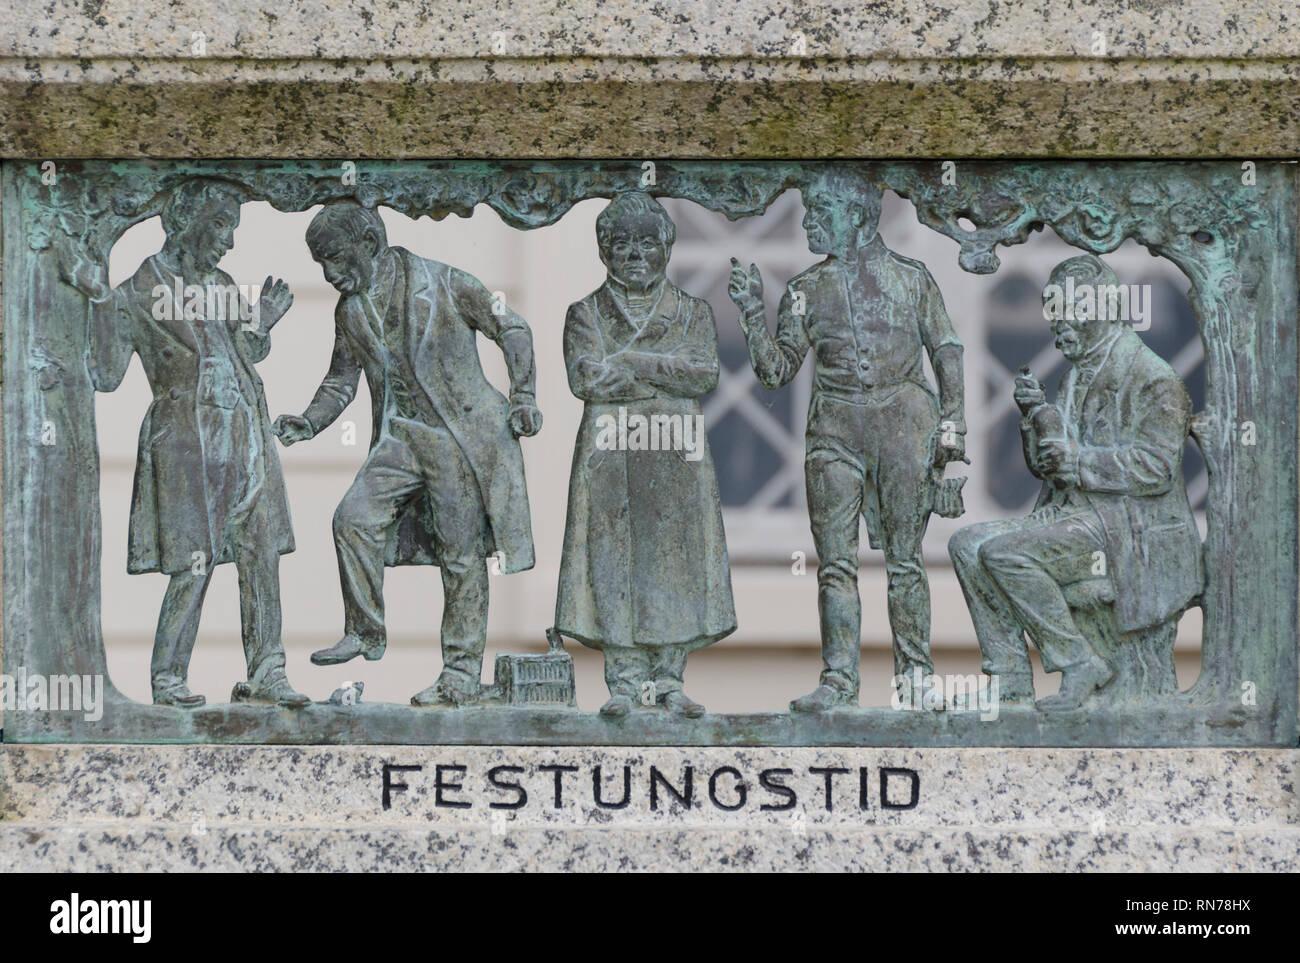 Fritz-Reuter-Denkmal, Stavenhagen, Mecklenburg-Vorpommern, Deutschland - Stock Image